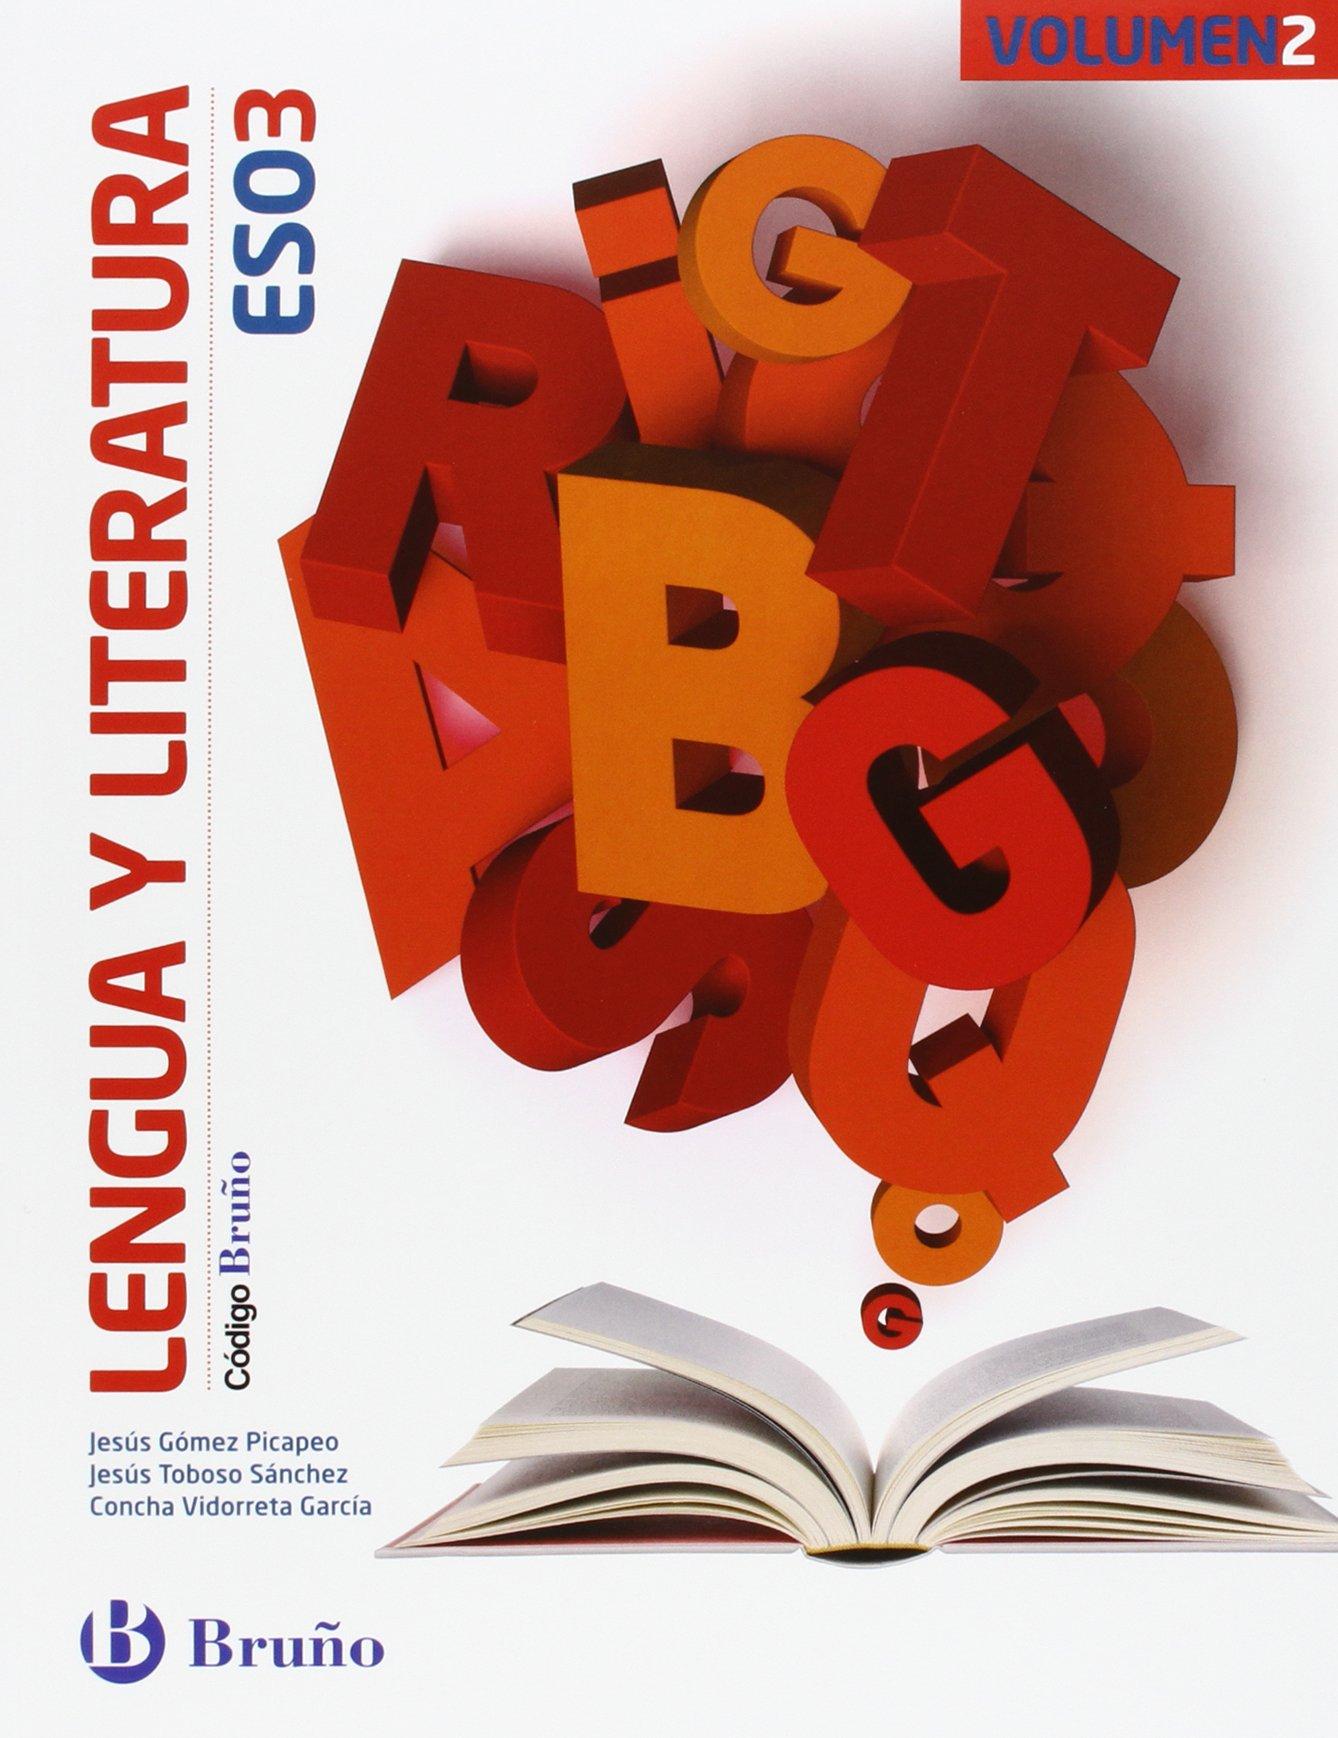 Código Bruño Lengua y Literatura 3 ESO - 3 volúmenes - 9788469610060: Amazon.es: Gómez Picapeo, Jesús, Toboso Sánchez, Jesús, Vidorreta García, Concha: Libros